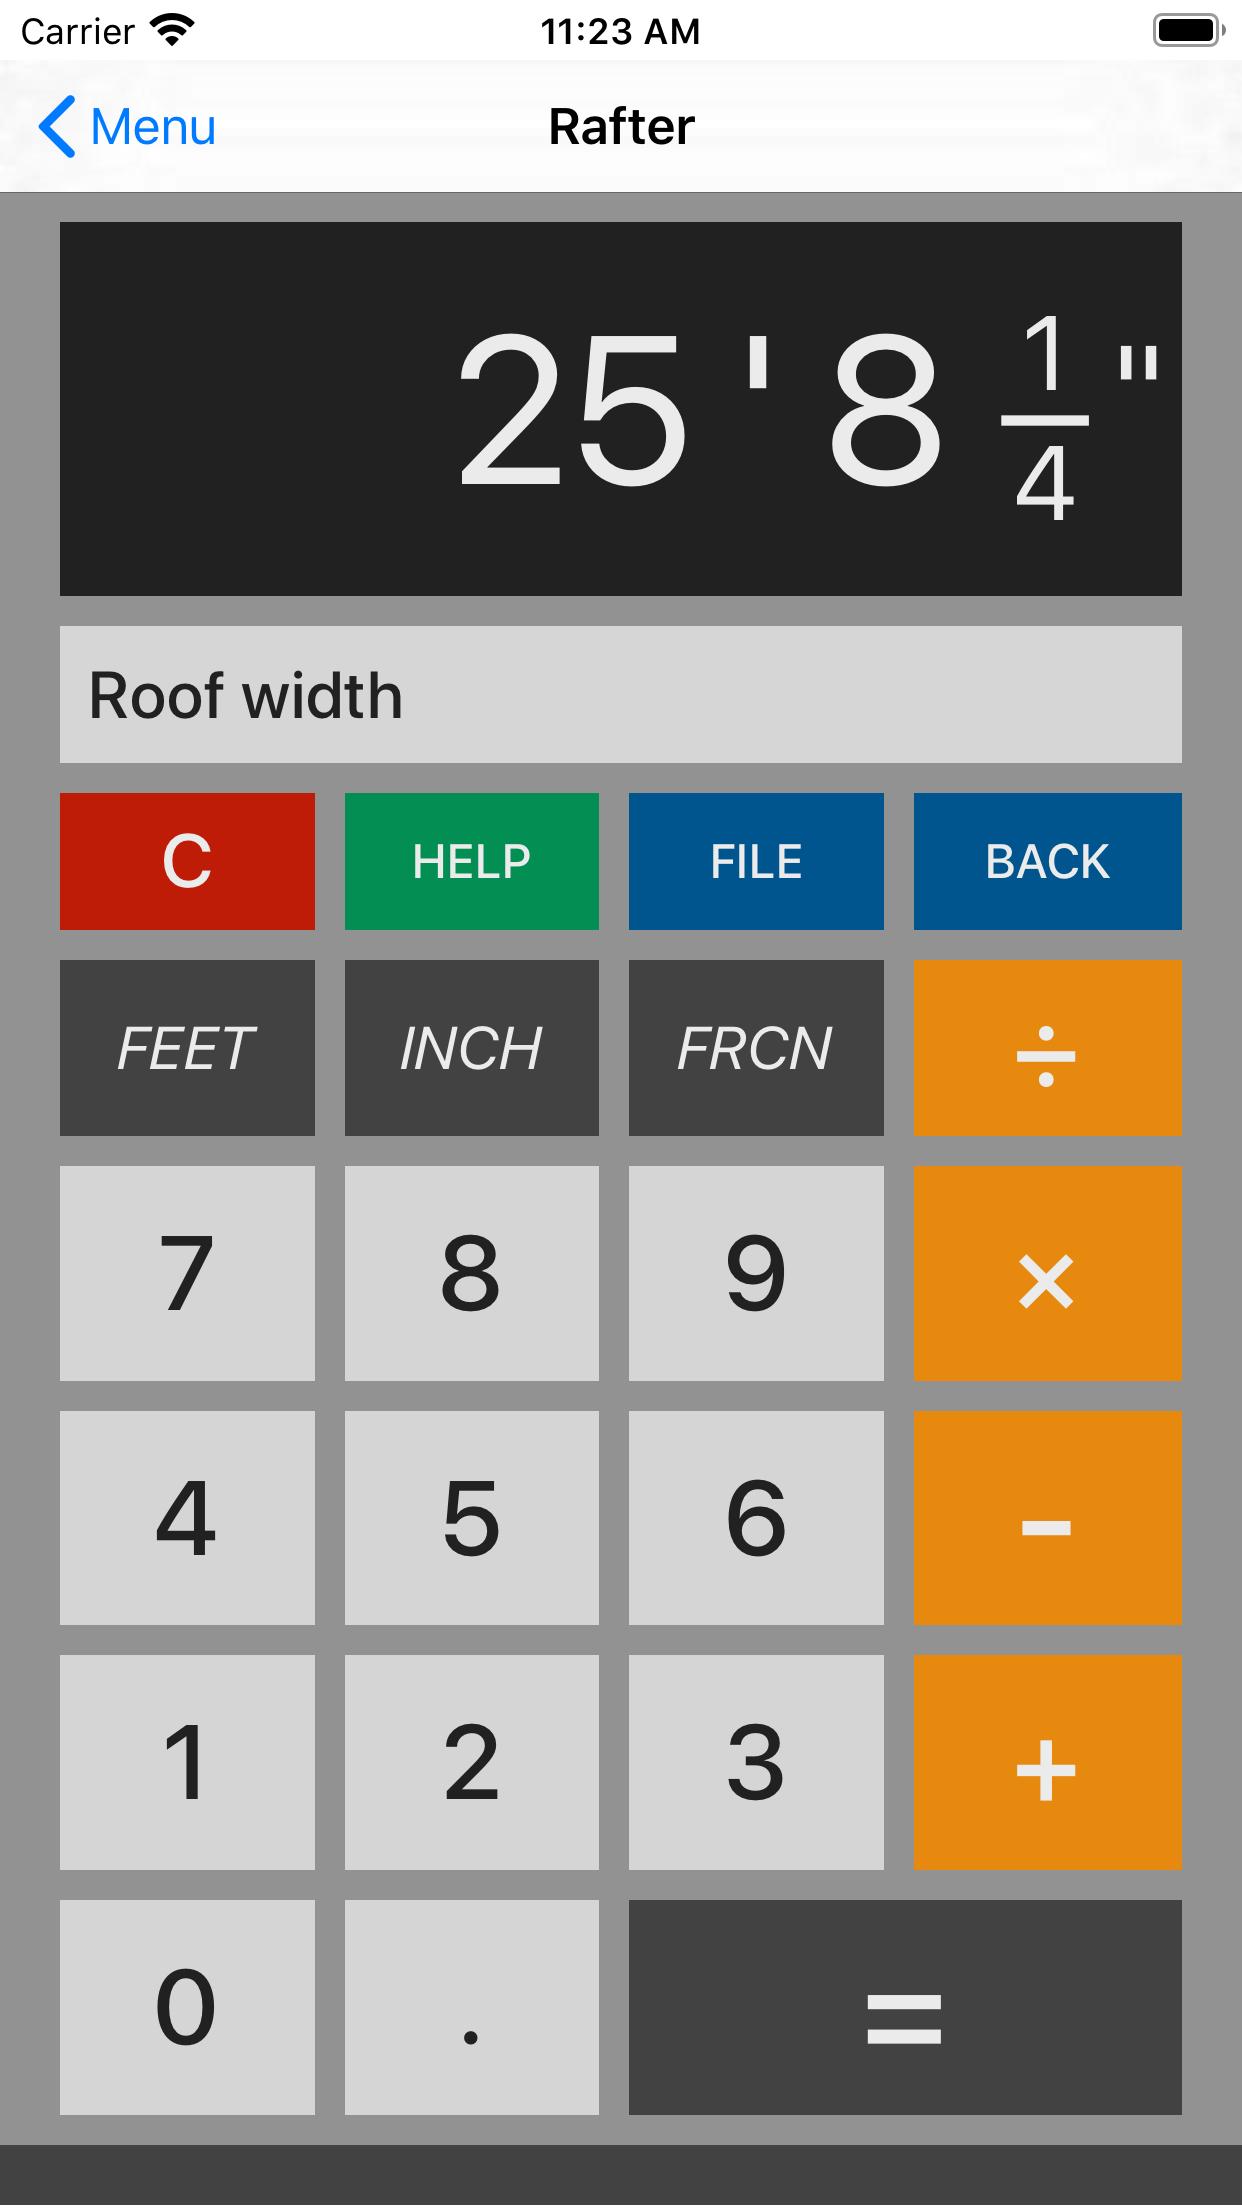 Roof width